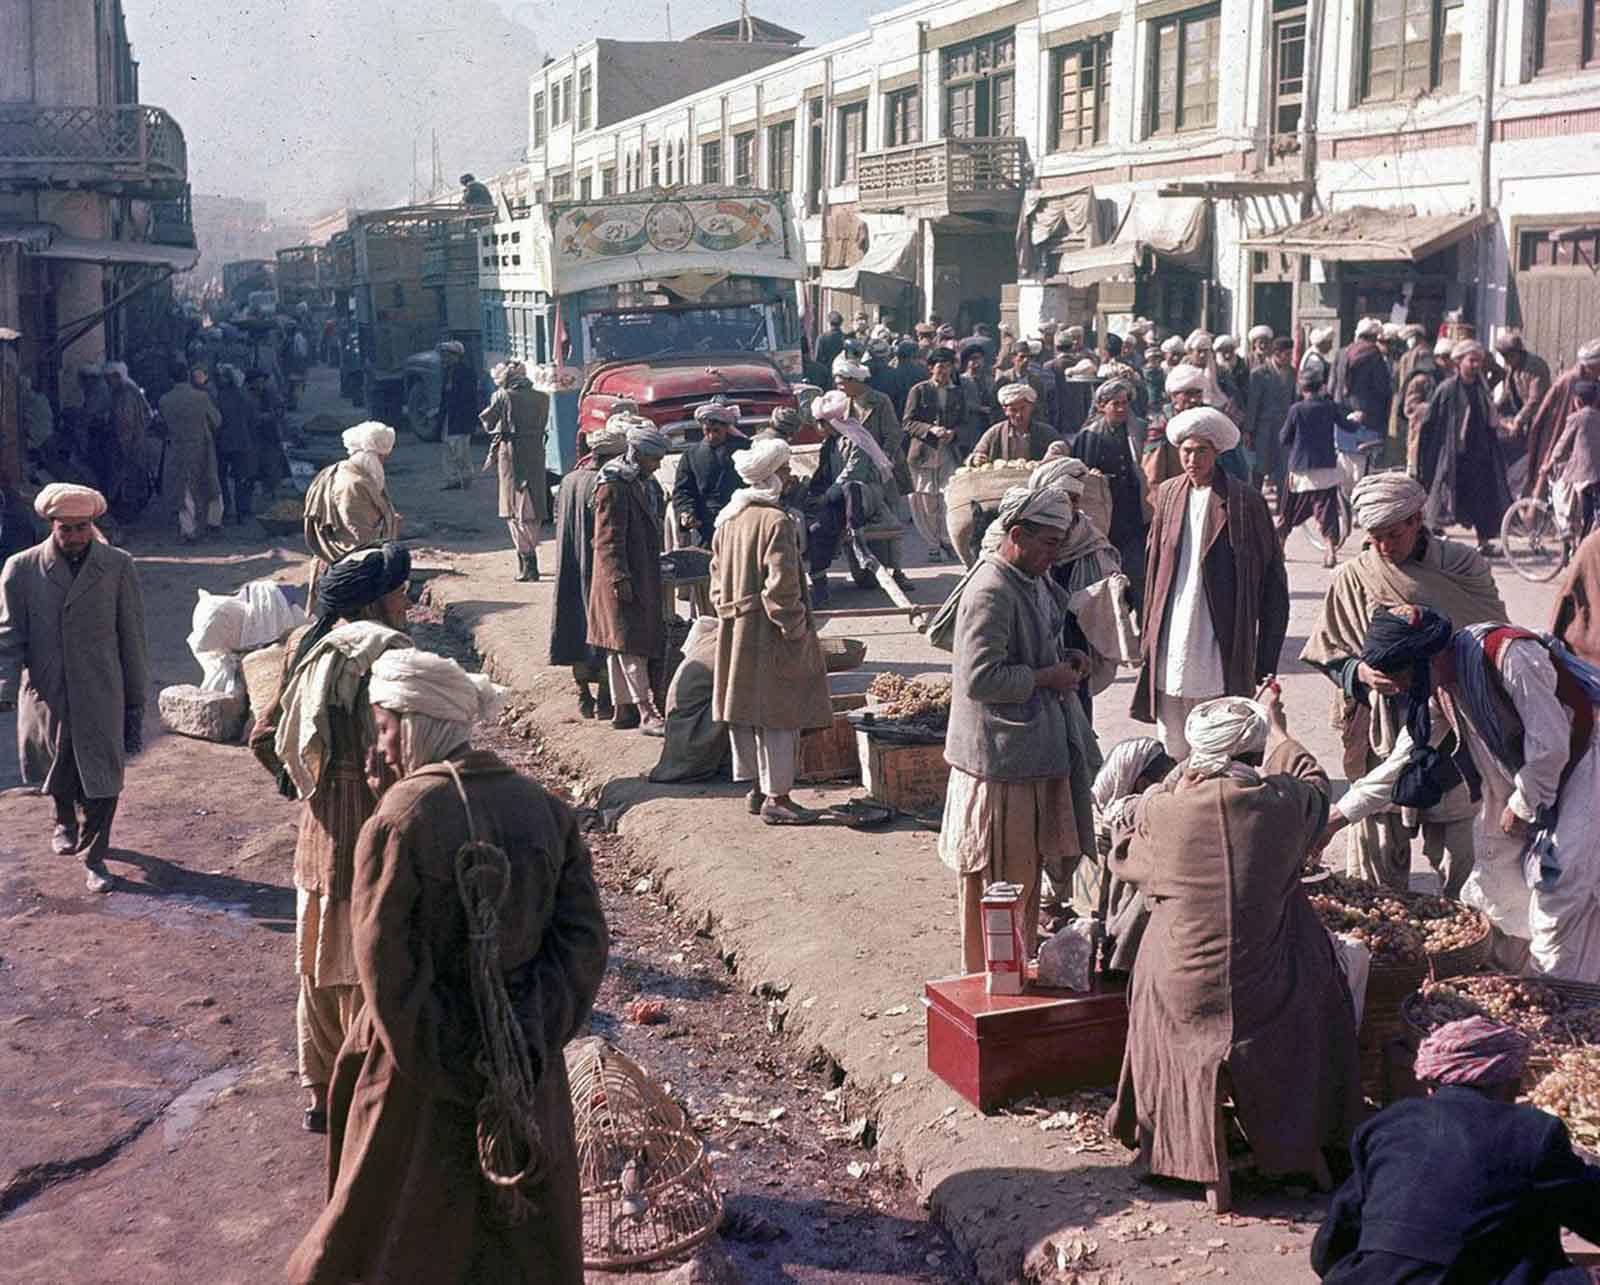 Los hombres pasan por delante de los vendedores de la carretera mientras un camión pintado se abre paso por la concurrida calle de Kabul, Afganistán, en noviembre de 1961.